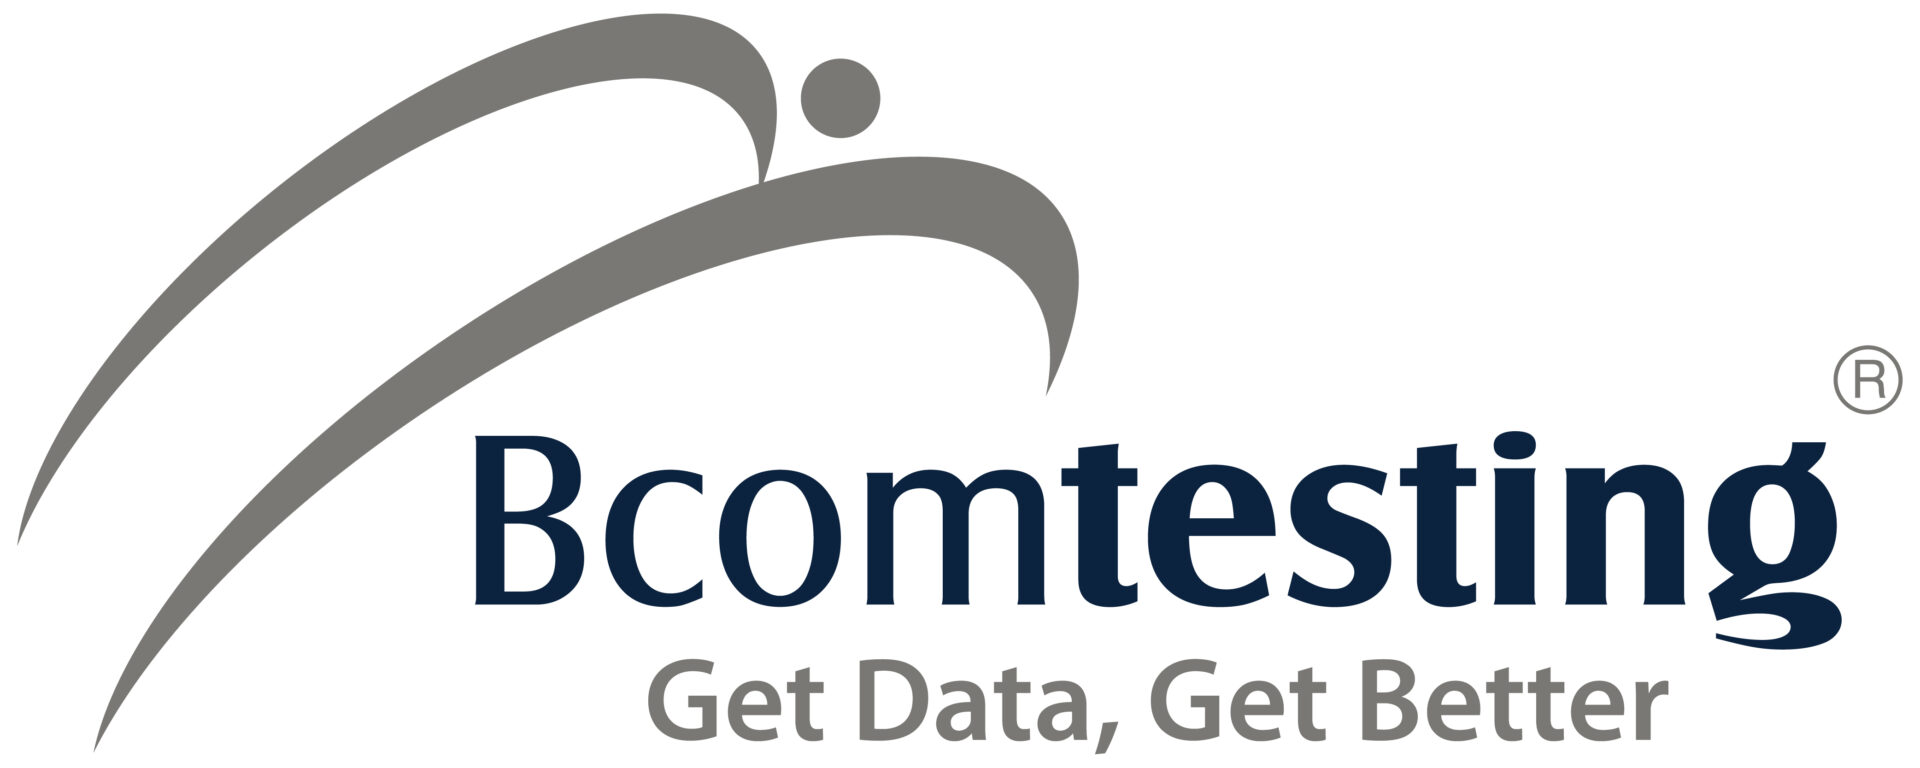 Bcomtesting-FinalizedLogoD2L6-Tagline(PantoneColors)